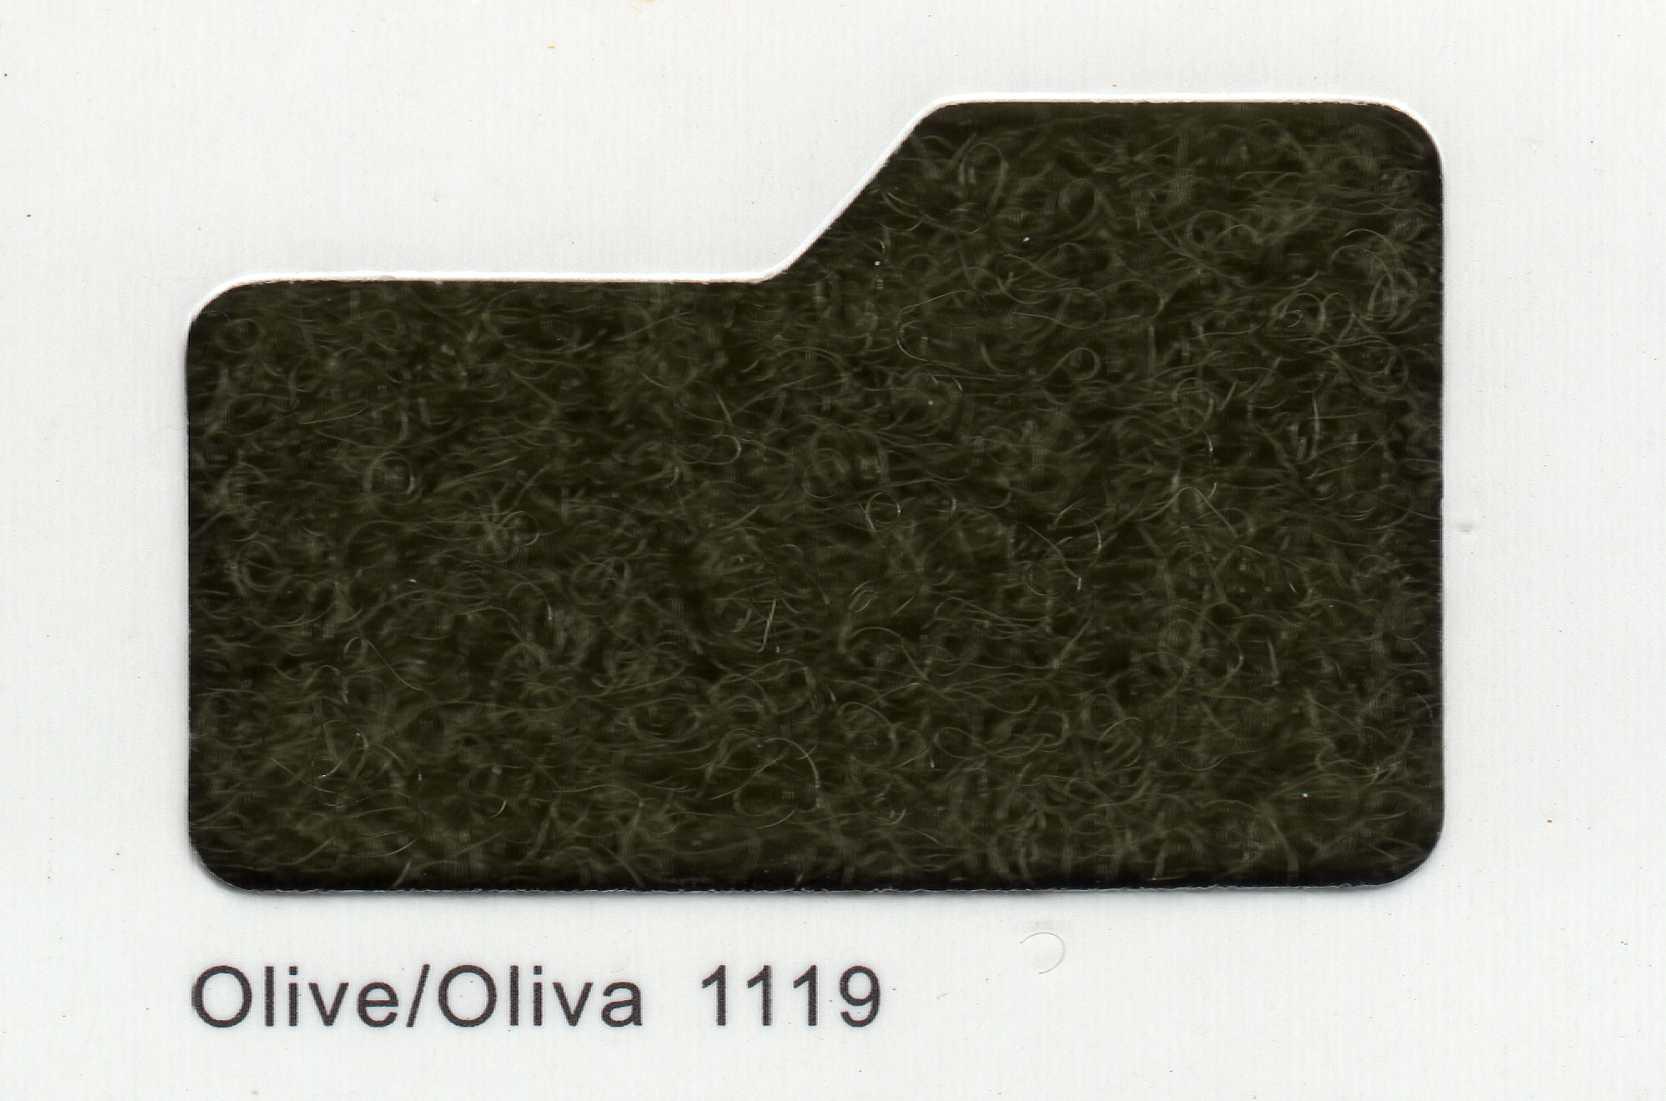 Cinta de cierre Velcro-Veraco 30mm Oliva 1119 (Gancho).